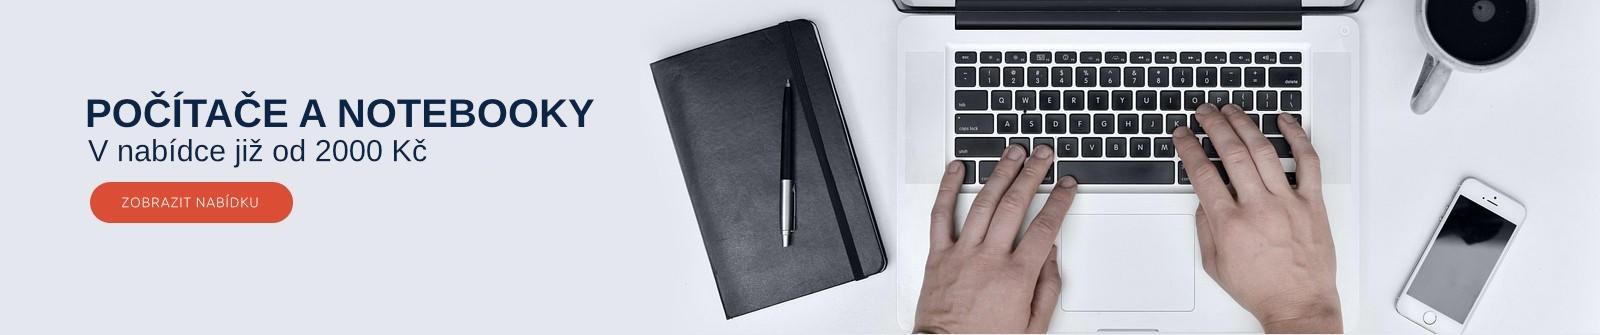 počítače a notebooky